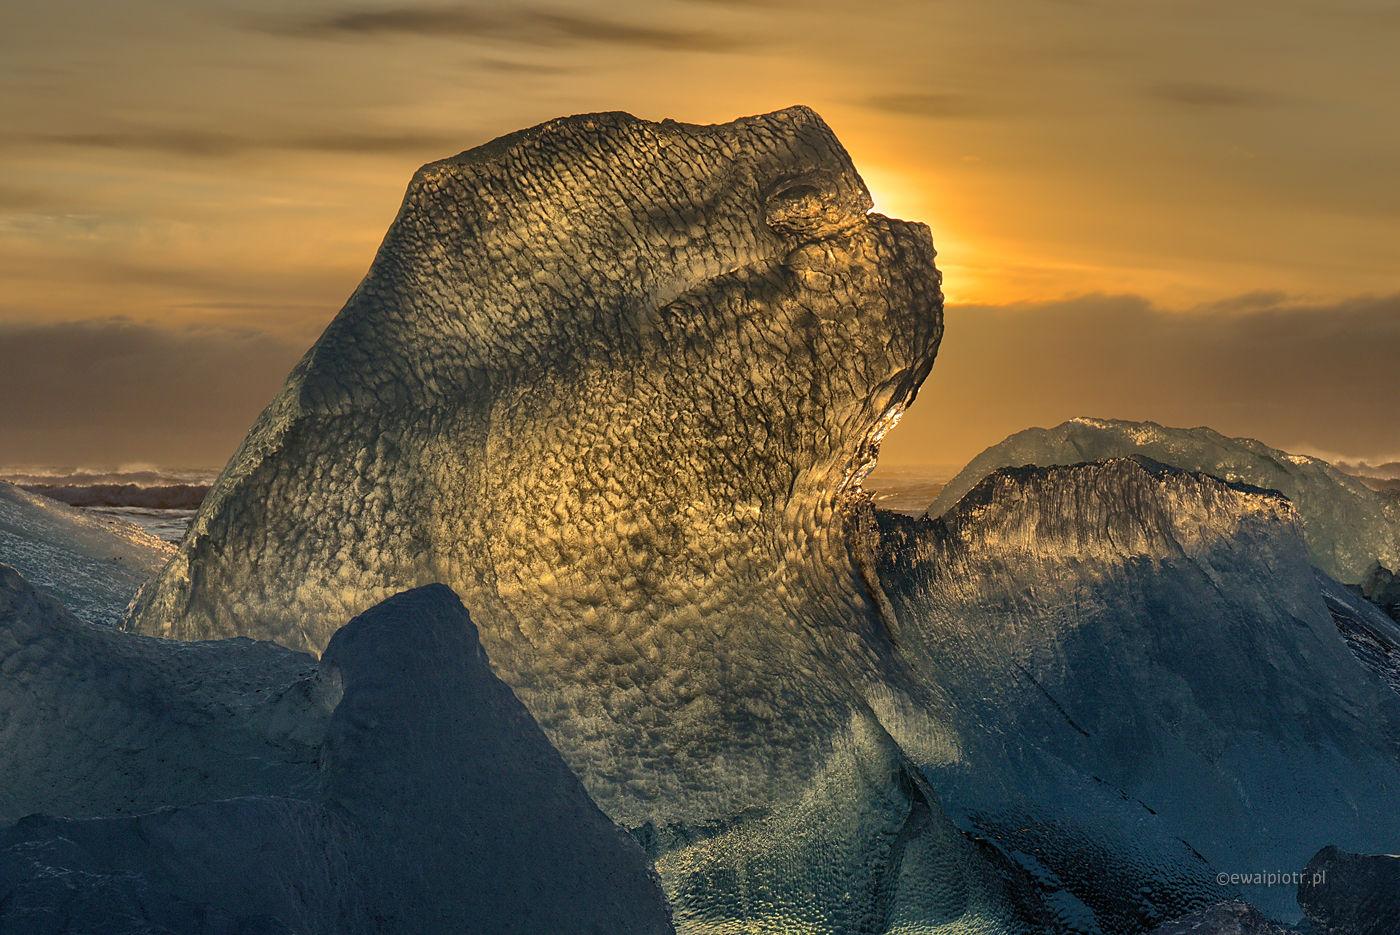 Zimą budzą się potwory, Jokulsarlon, Islandia